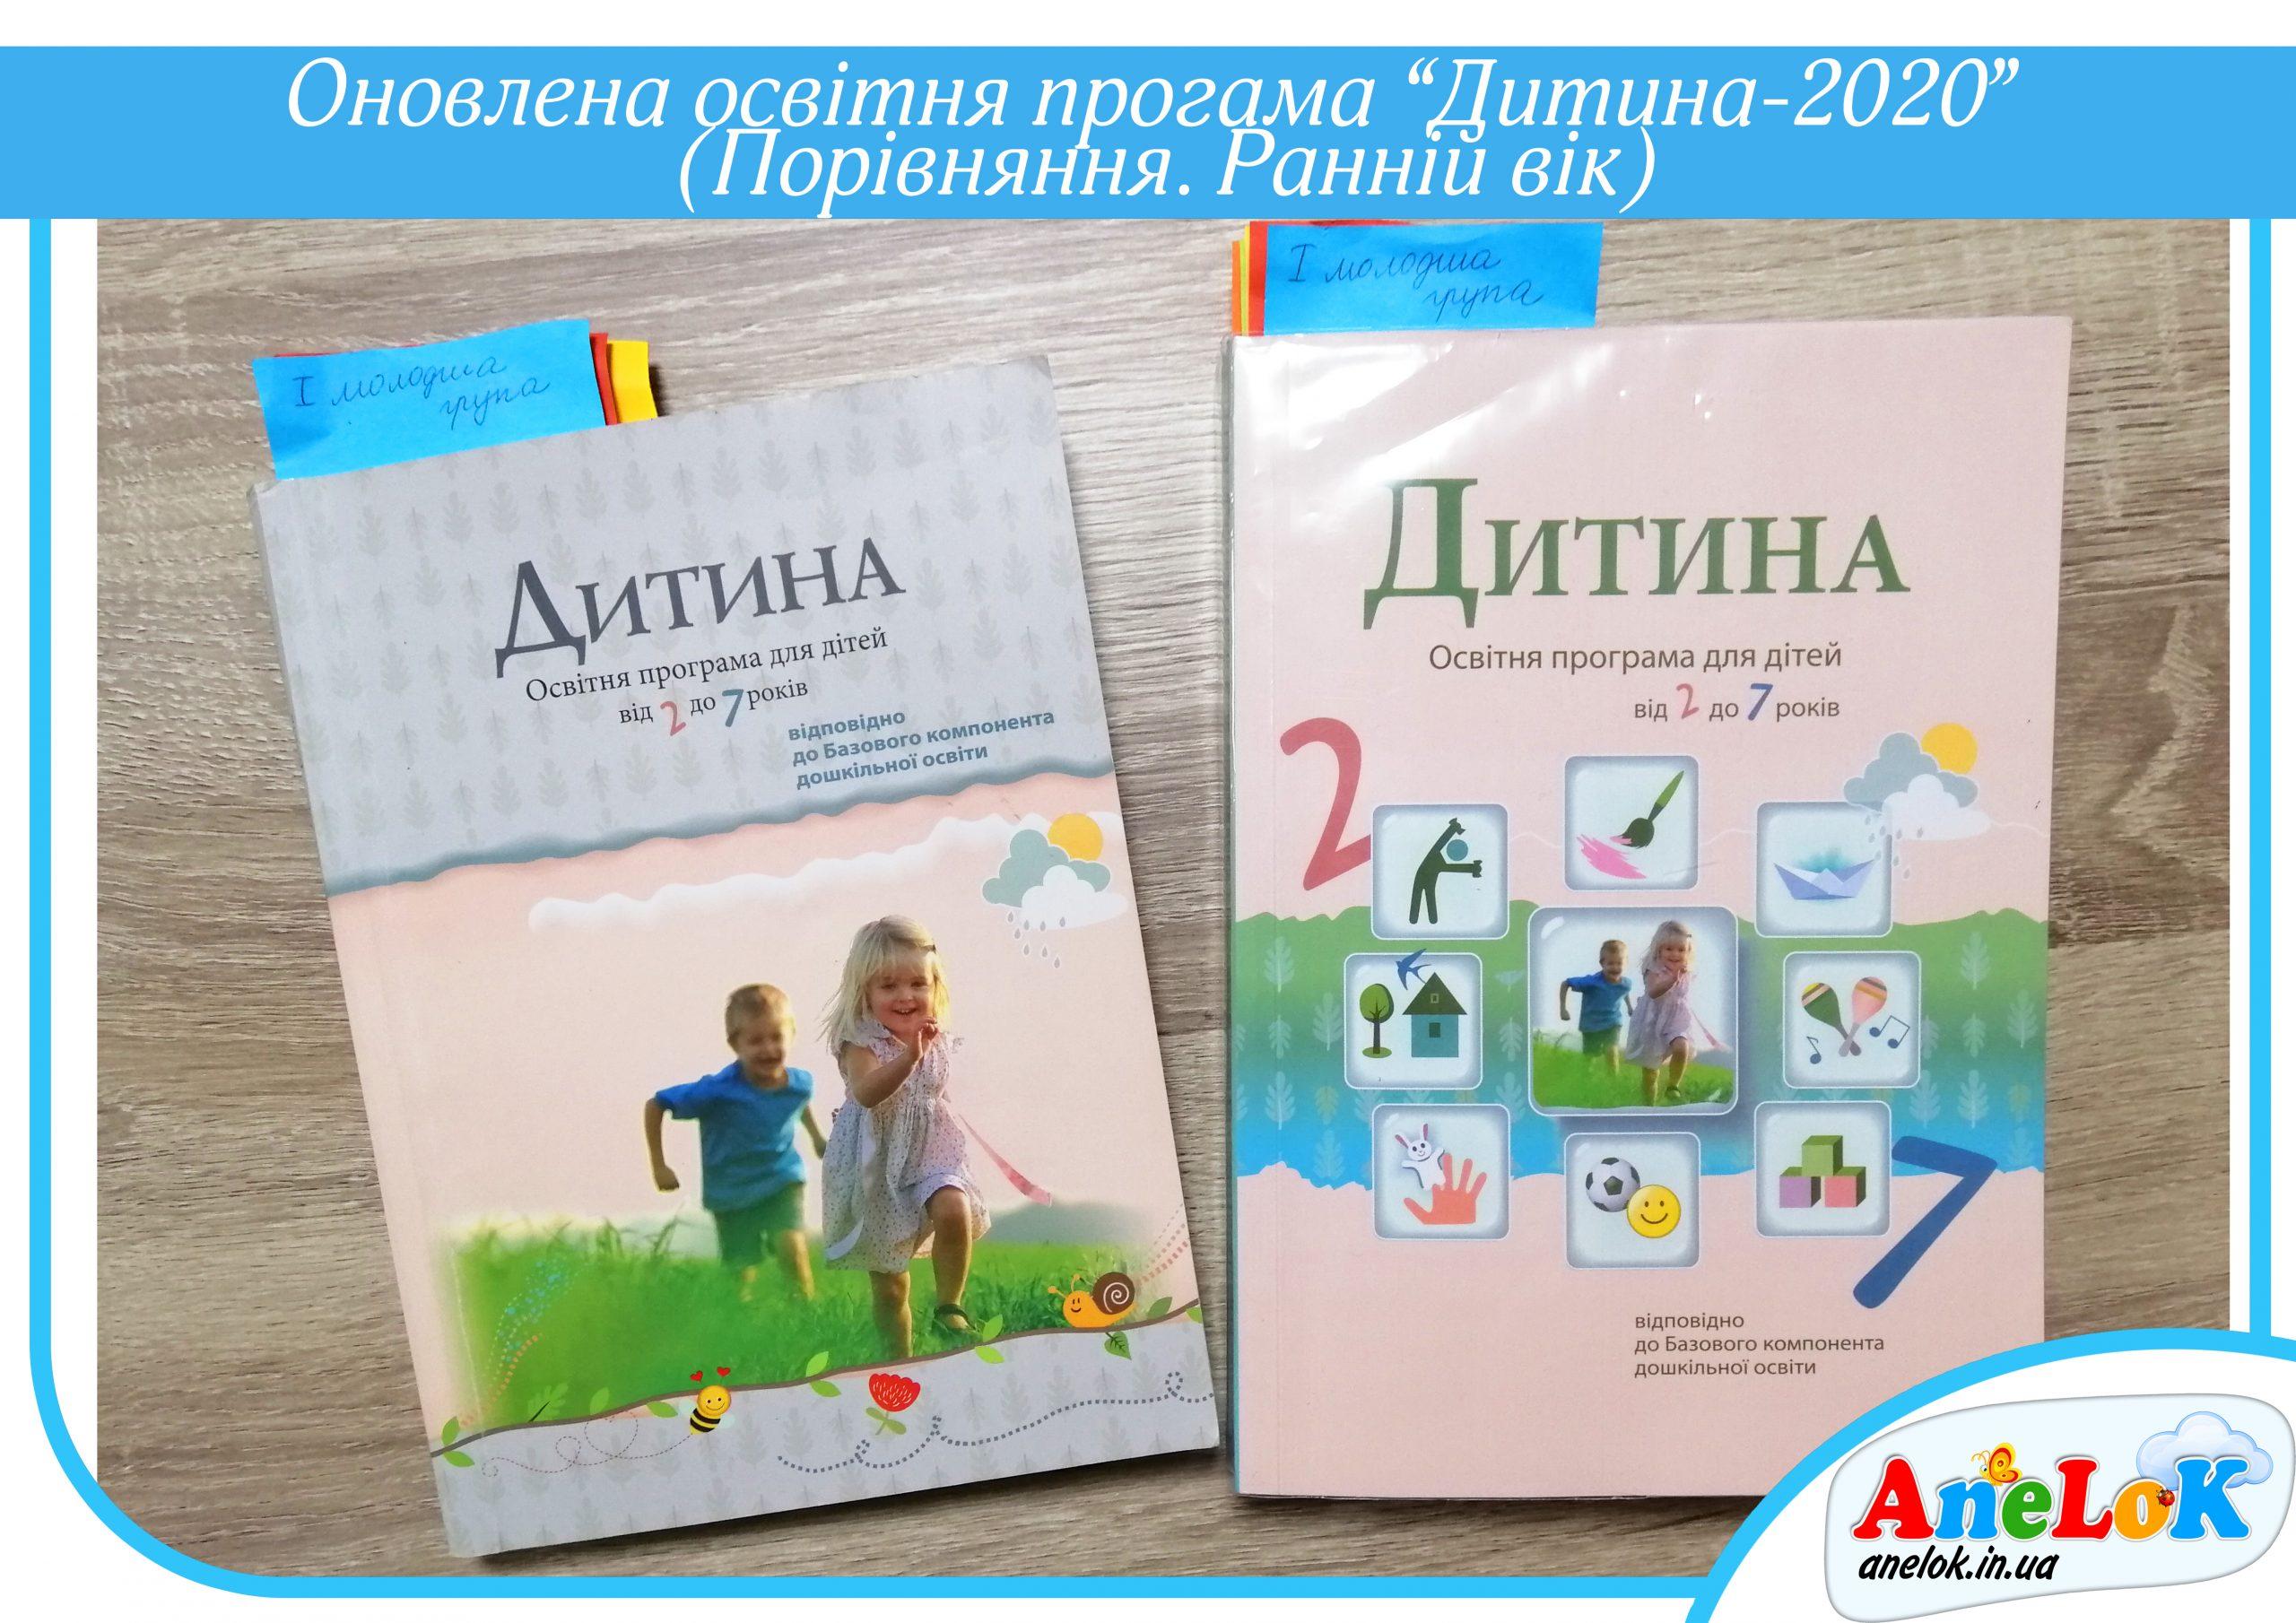 Оновлена освітня програма Дитина (2020) Порівняння. Ранній вік - Магазин Anelok